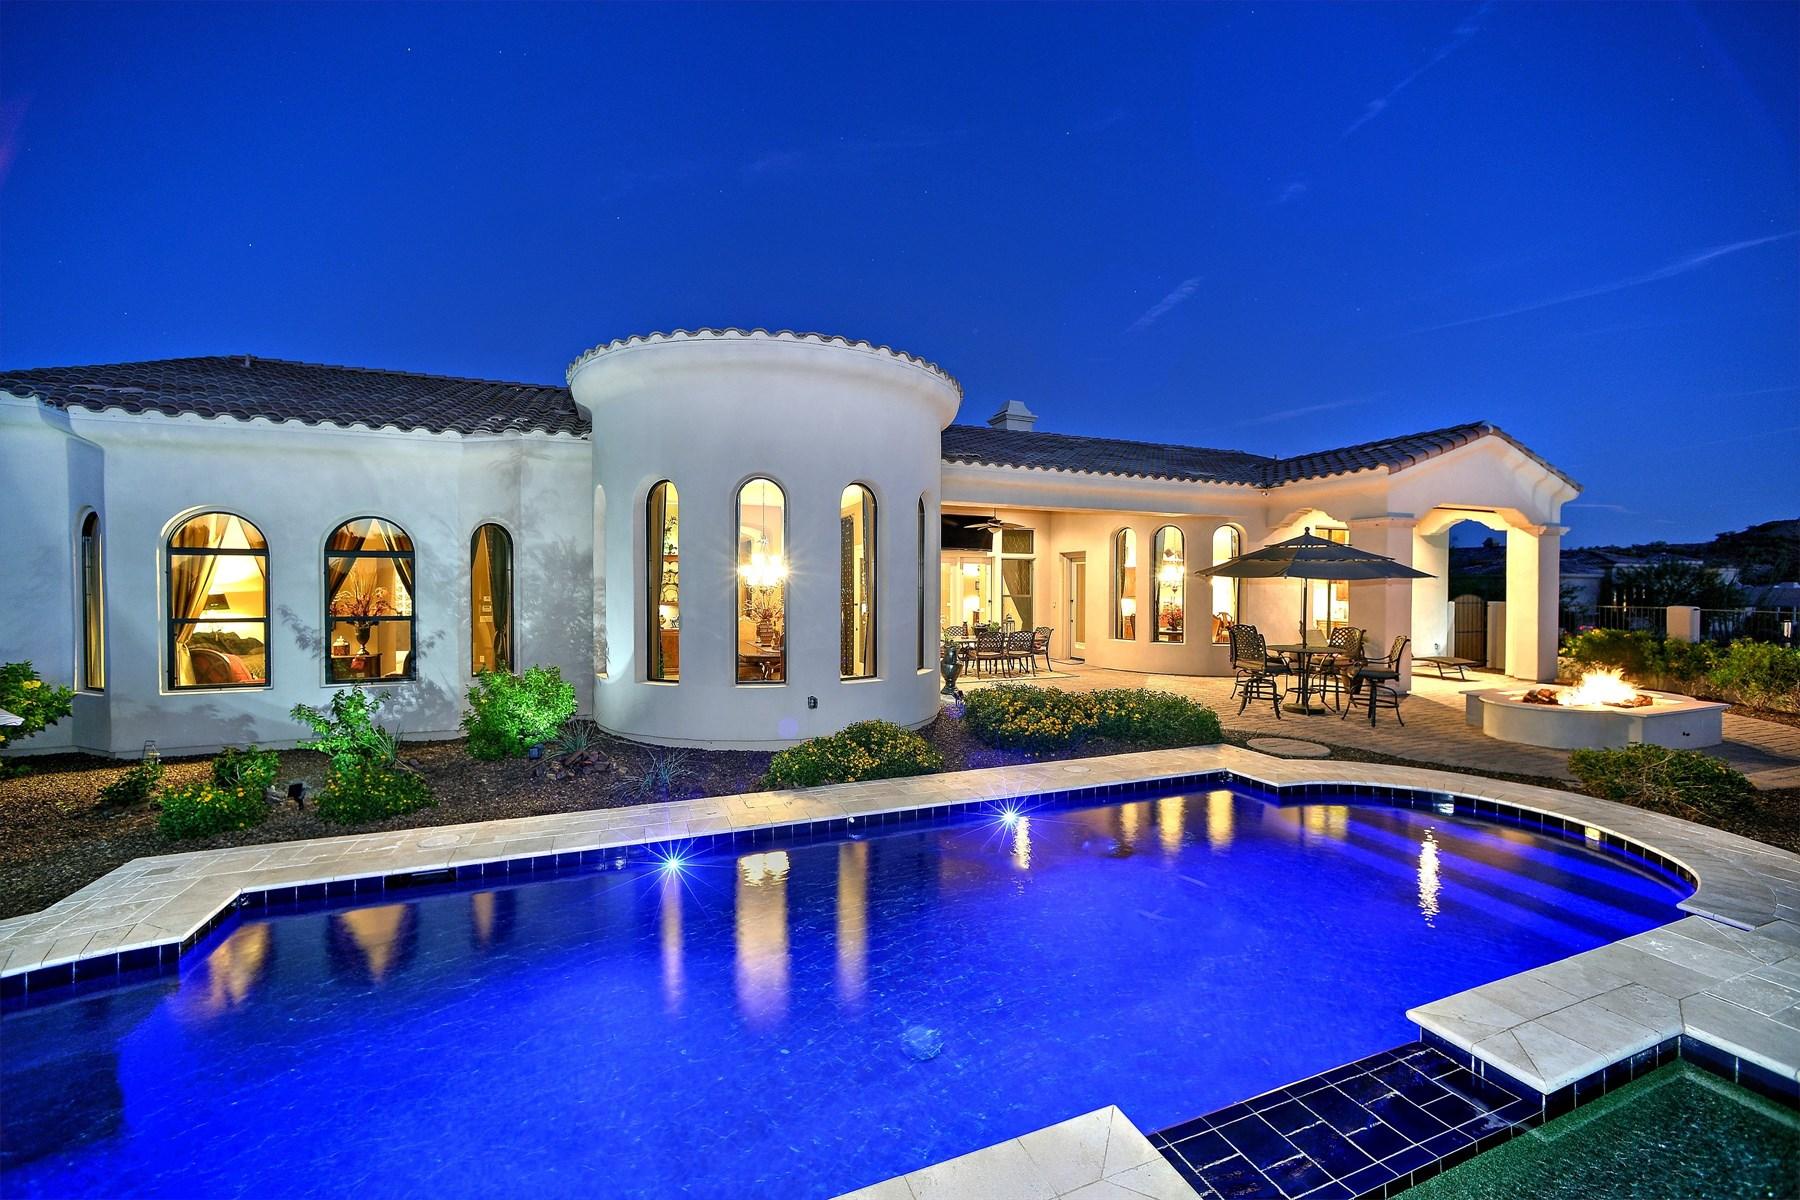 Maison unifamiliale pour l Vente à City lights, mountains, and sunsets surround you in this magnificent custom home 8724 E Regina Circle Mesa, Arizona 85207 États-Unis